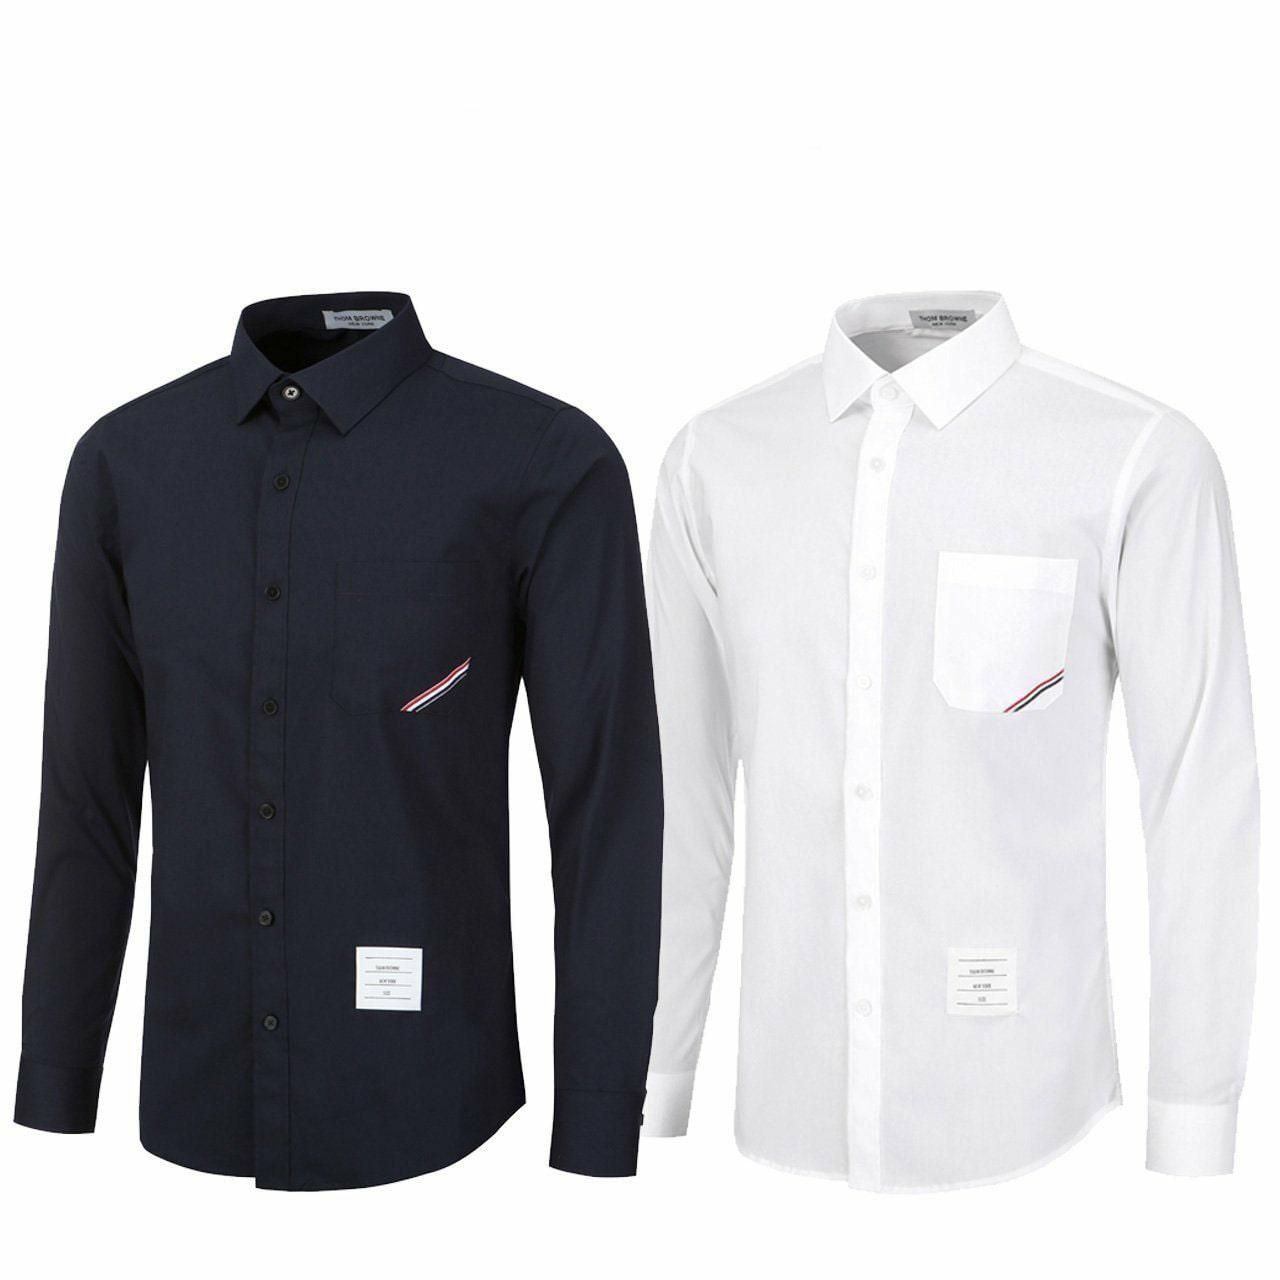 톰브라운 포켓포인트 셔츠